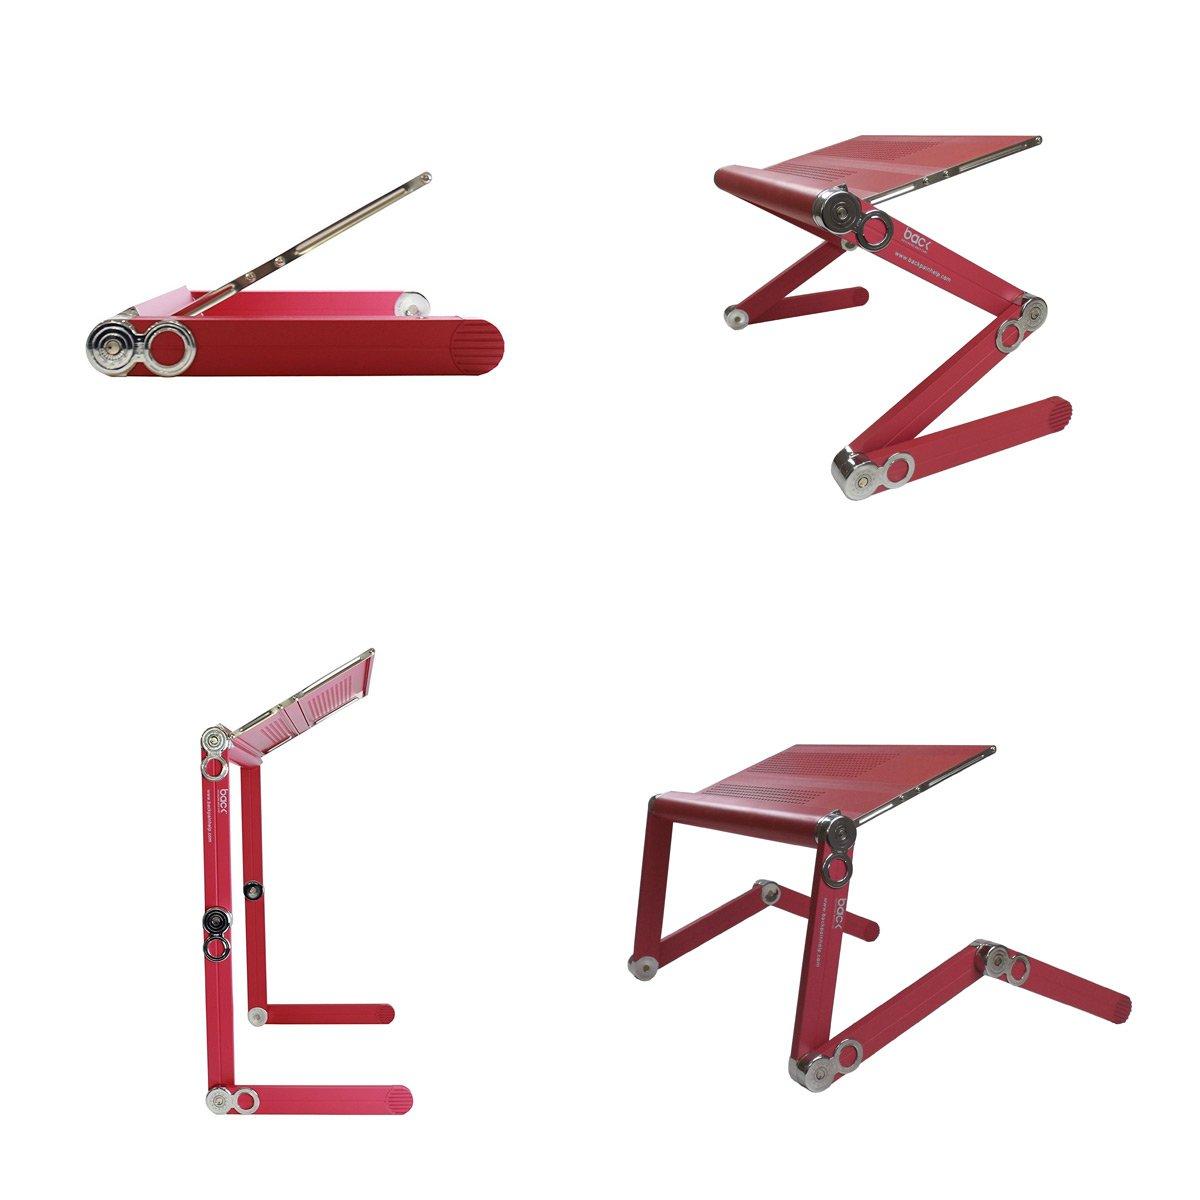 BACK - Atril elevador - Plegable, regulable, portátil y ergonómico - Para cuadernos y ordenadores portátiles - Rosa Frambuesa: Amazon.es: Oficina y ...